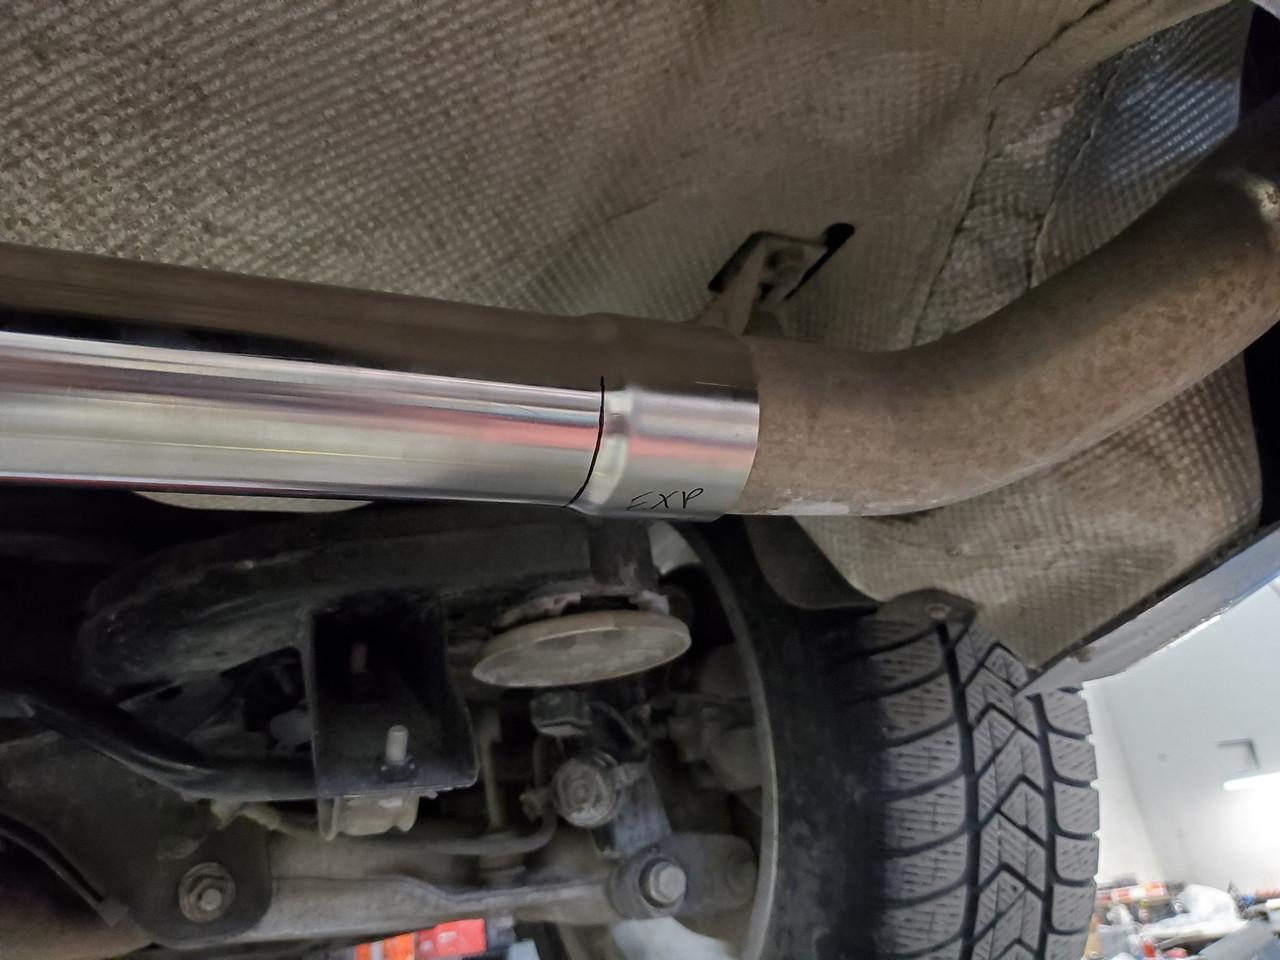 304 Stainless Steel Muffler Delete Kit for X5 DIESEL - E70 and F15 -5